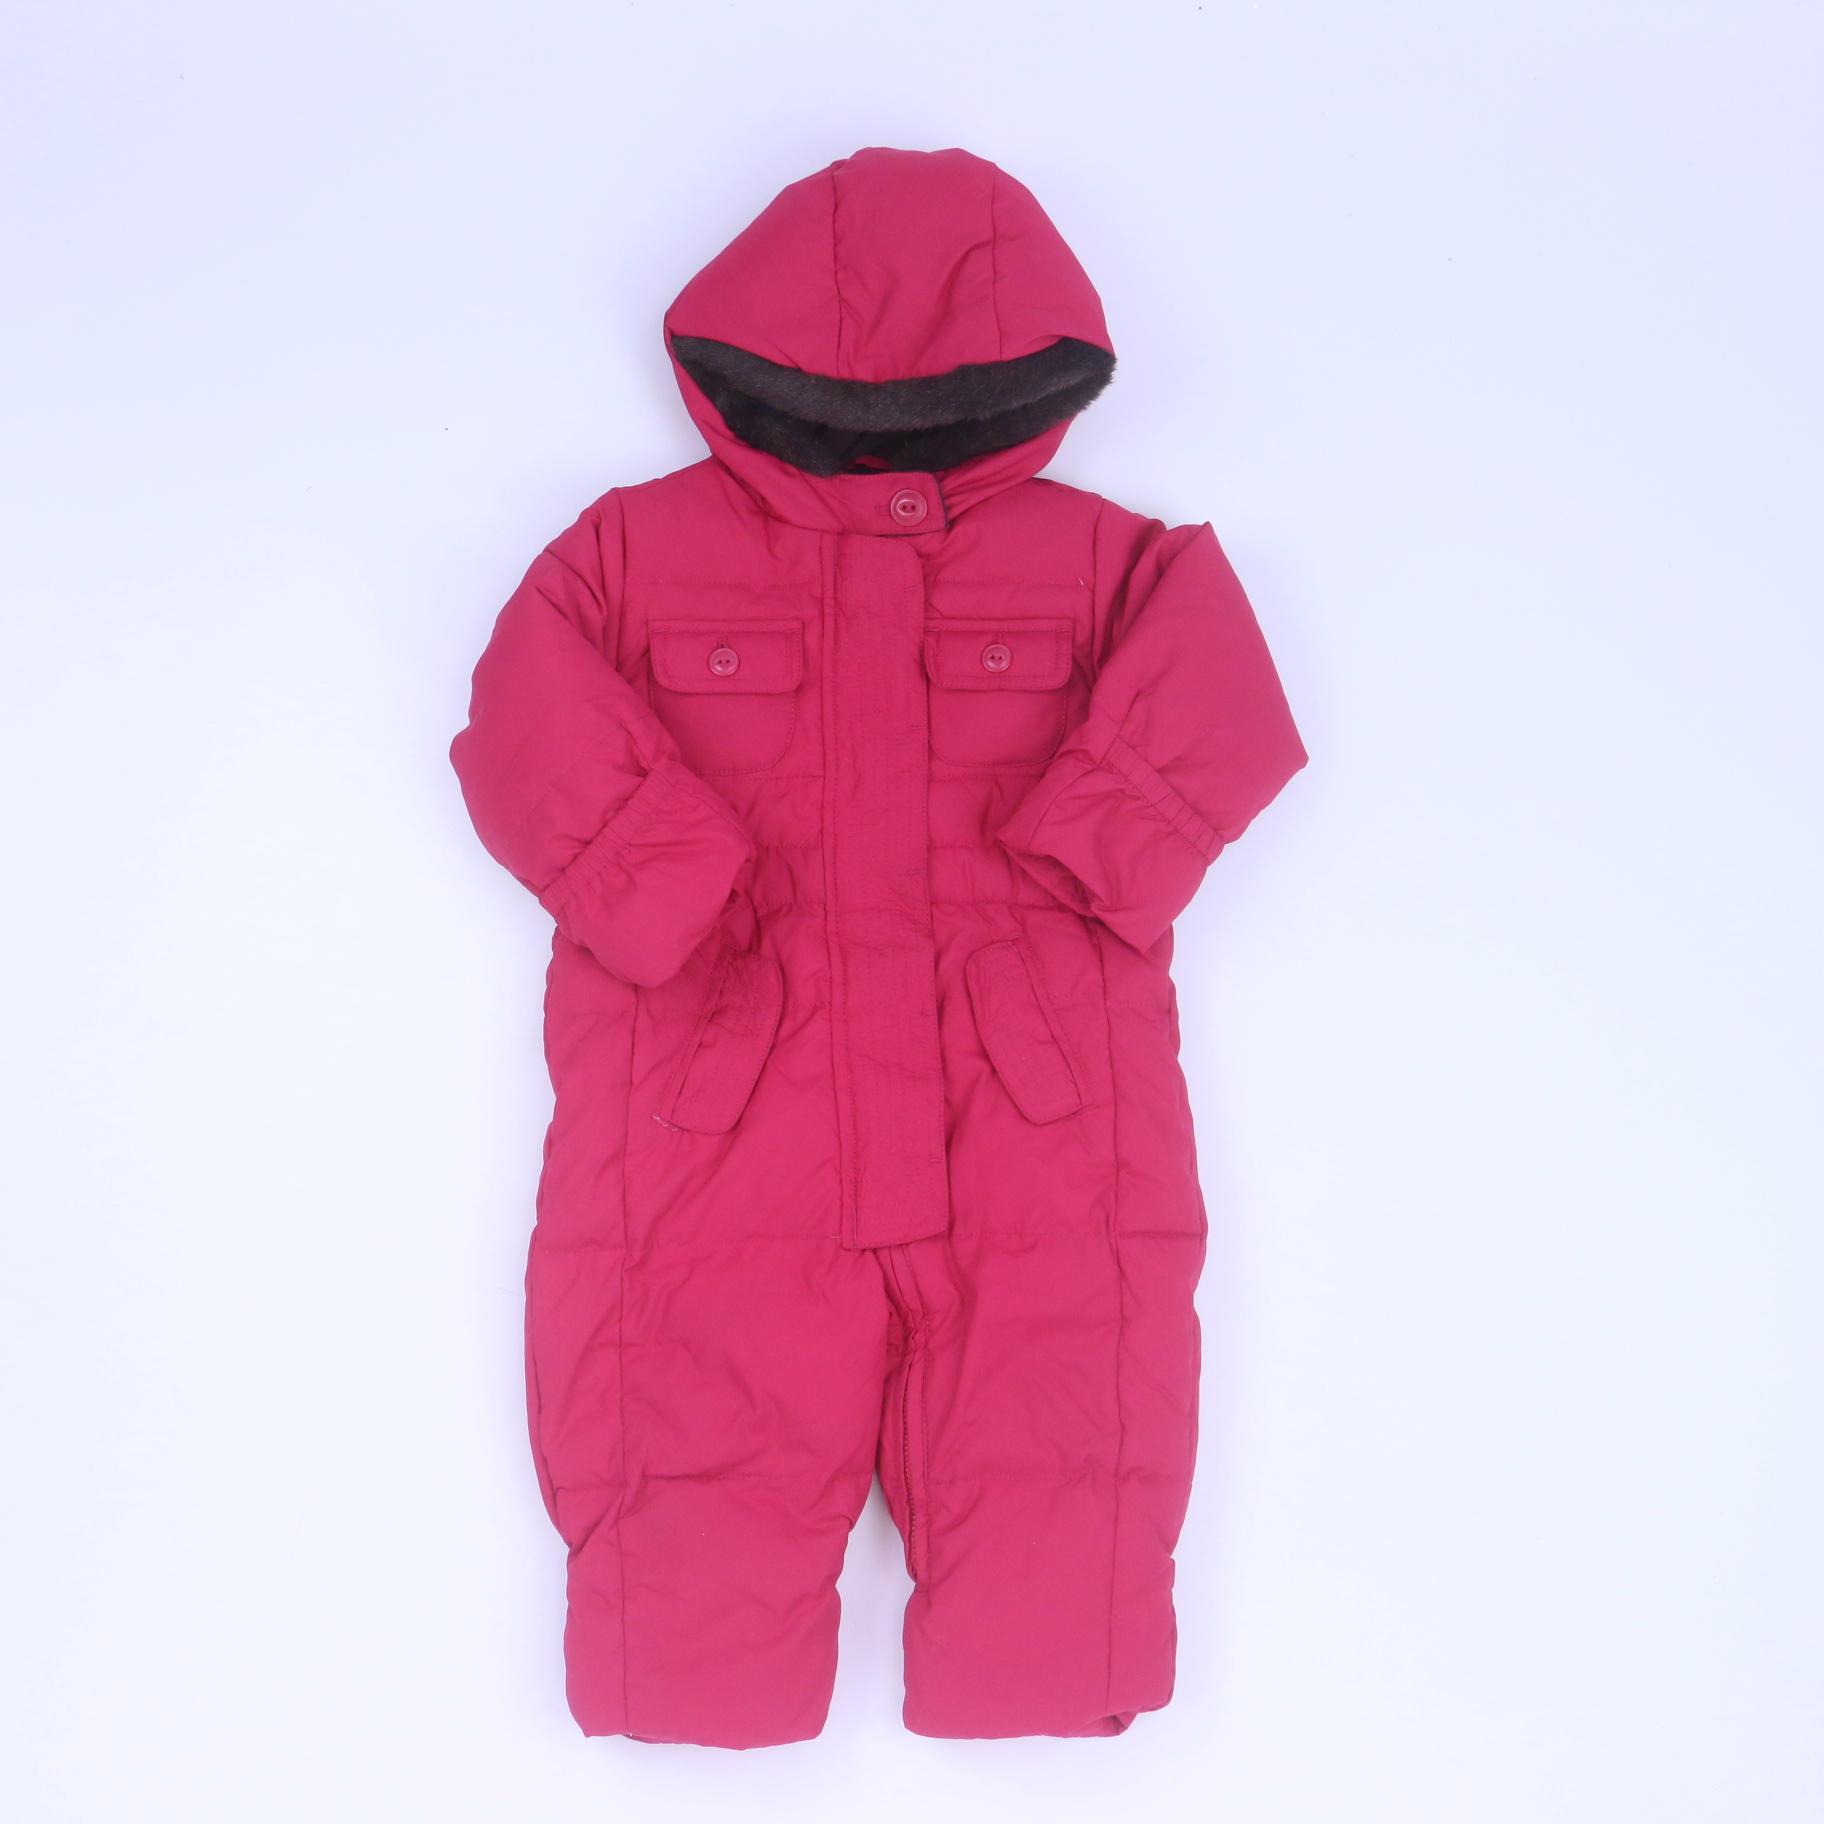 96d99d7d1 Snowsuit size  6-12 Months - The Swoondle Society